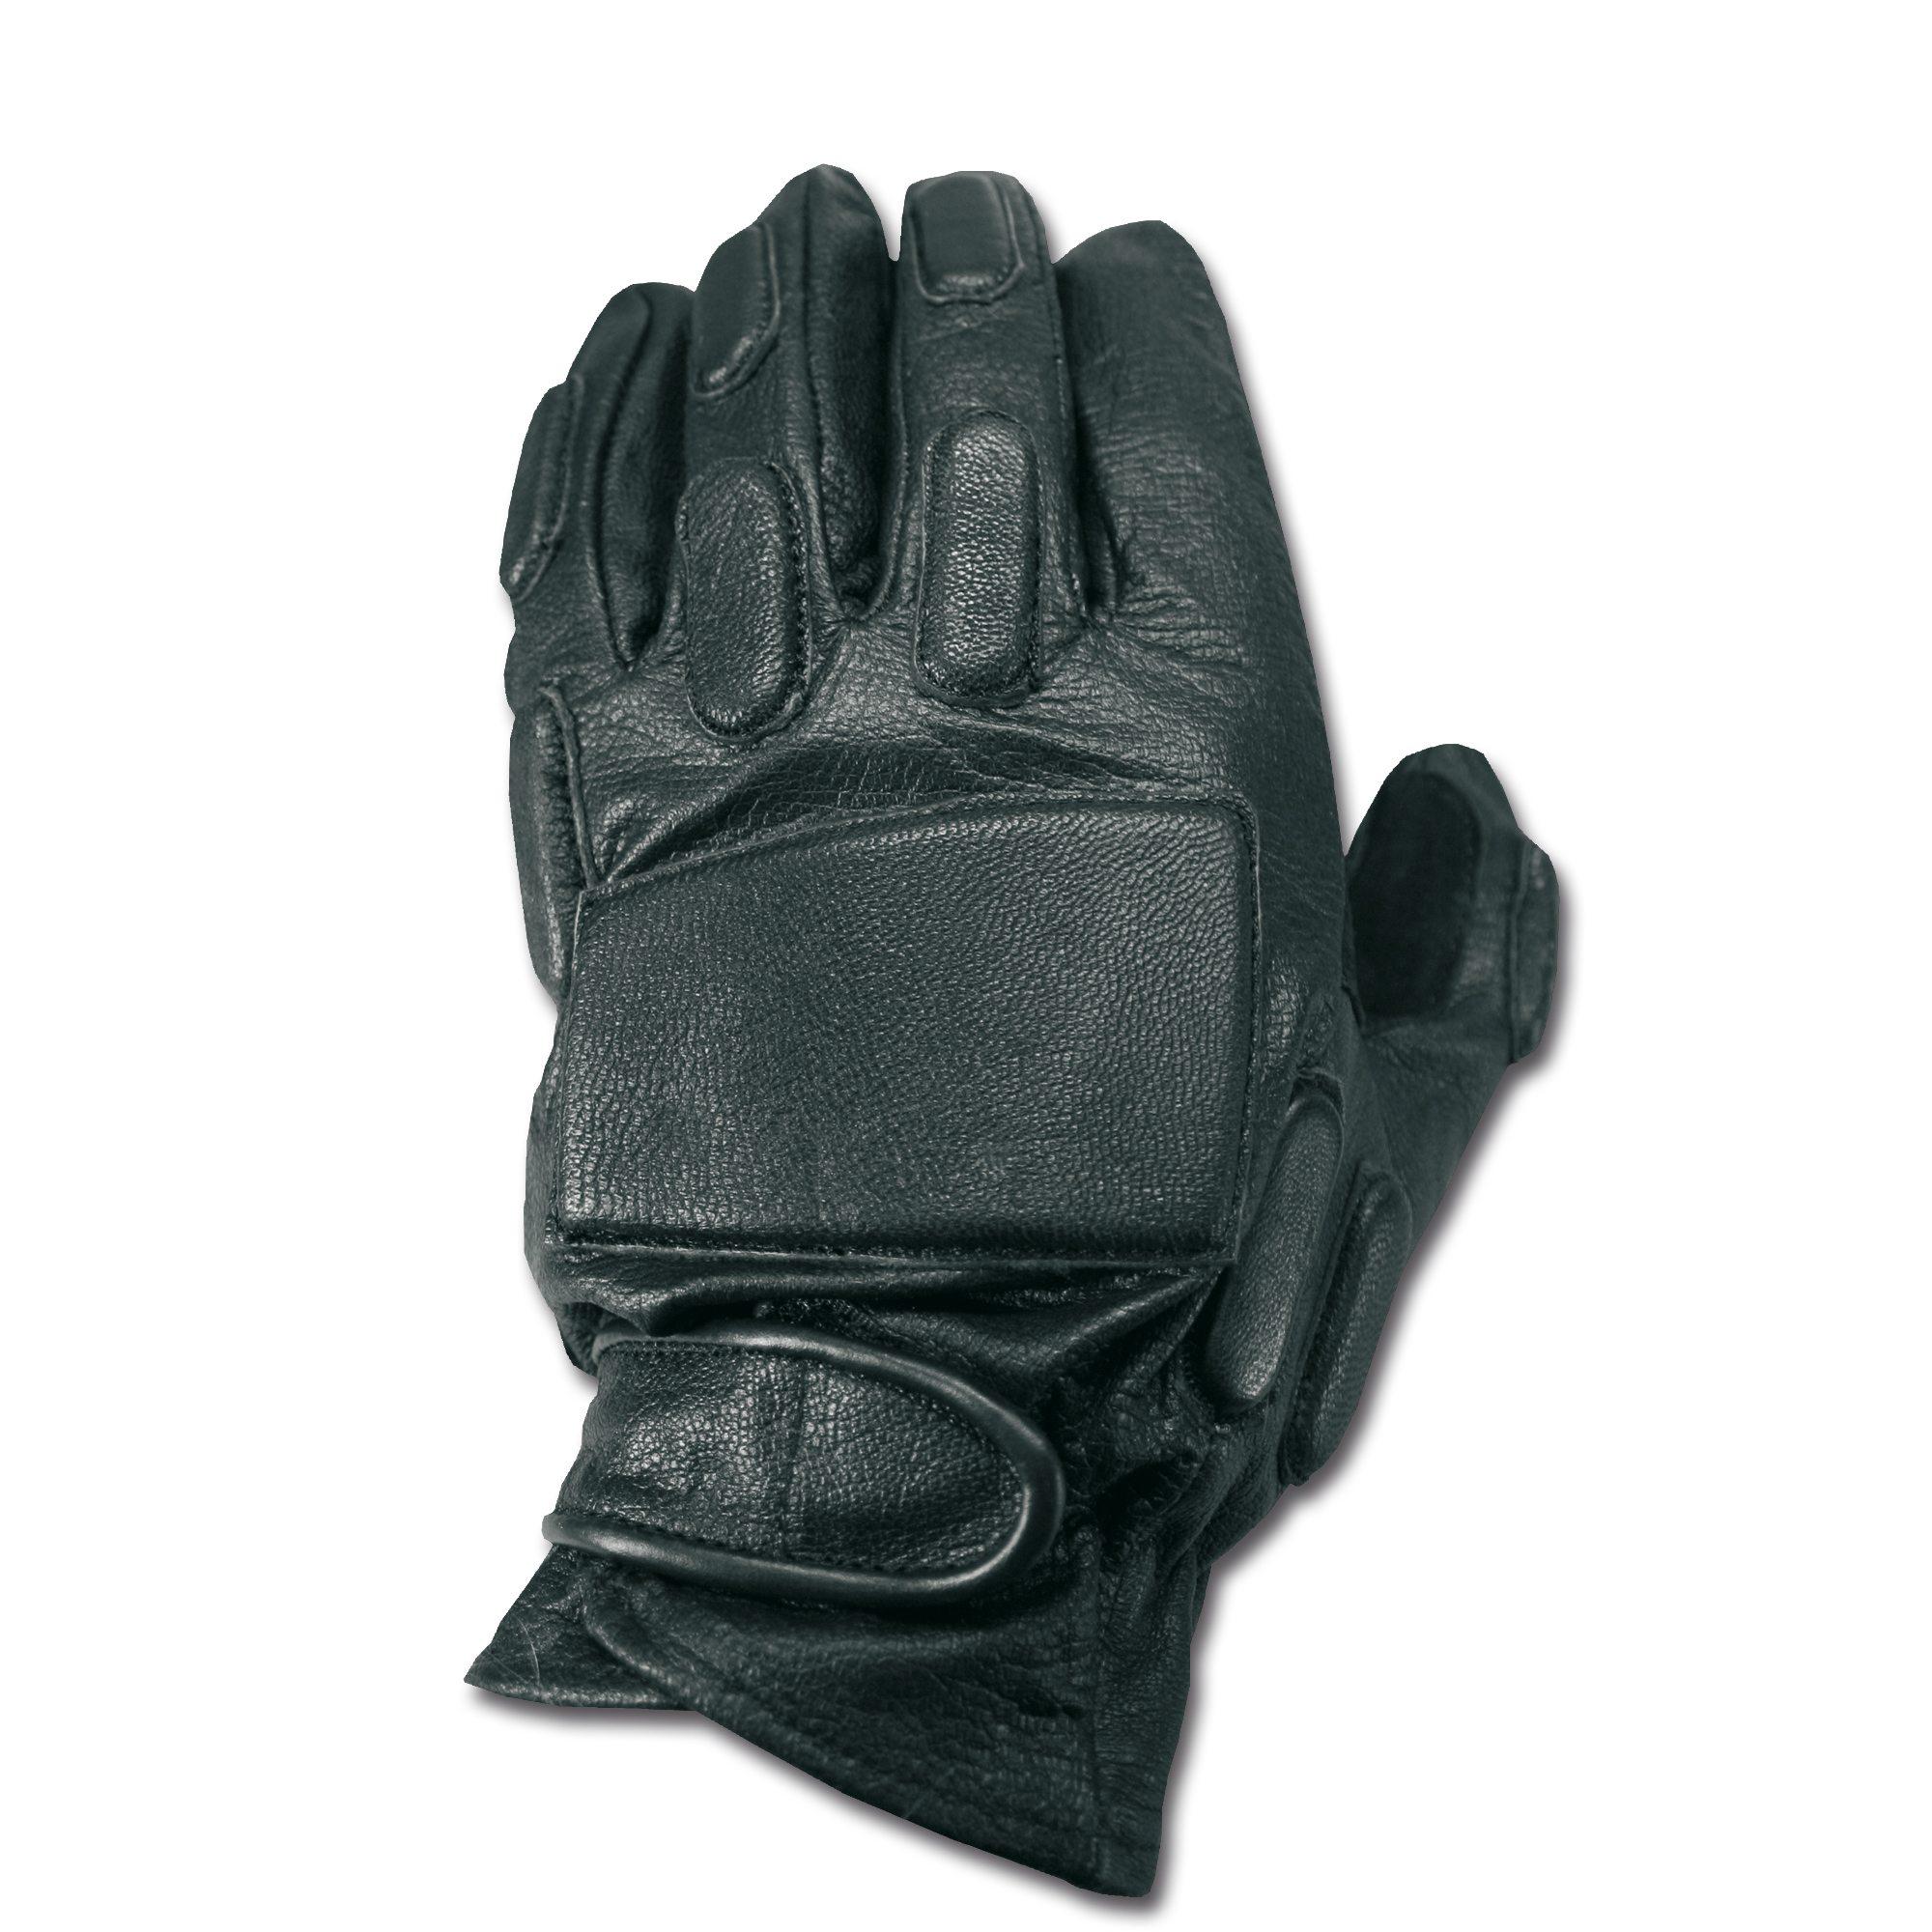 SWAT Fullfinger Handschuhe